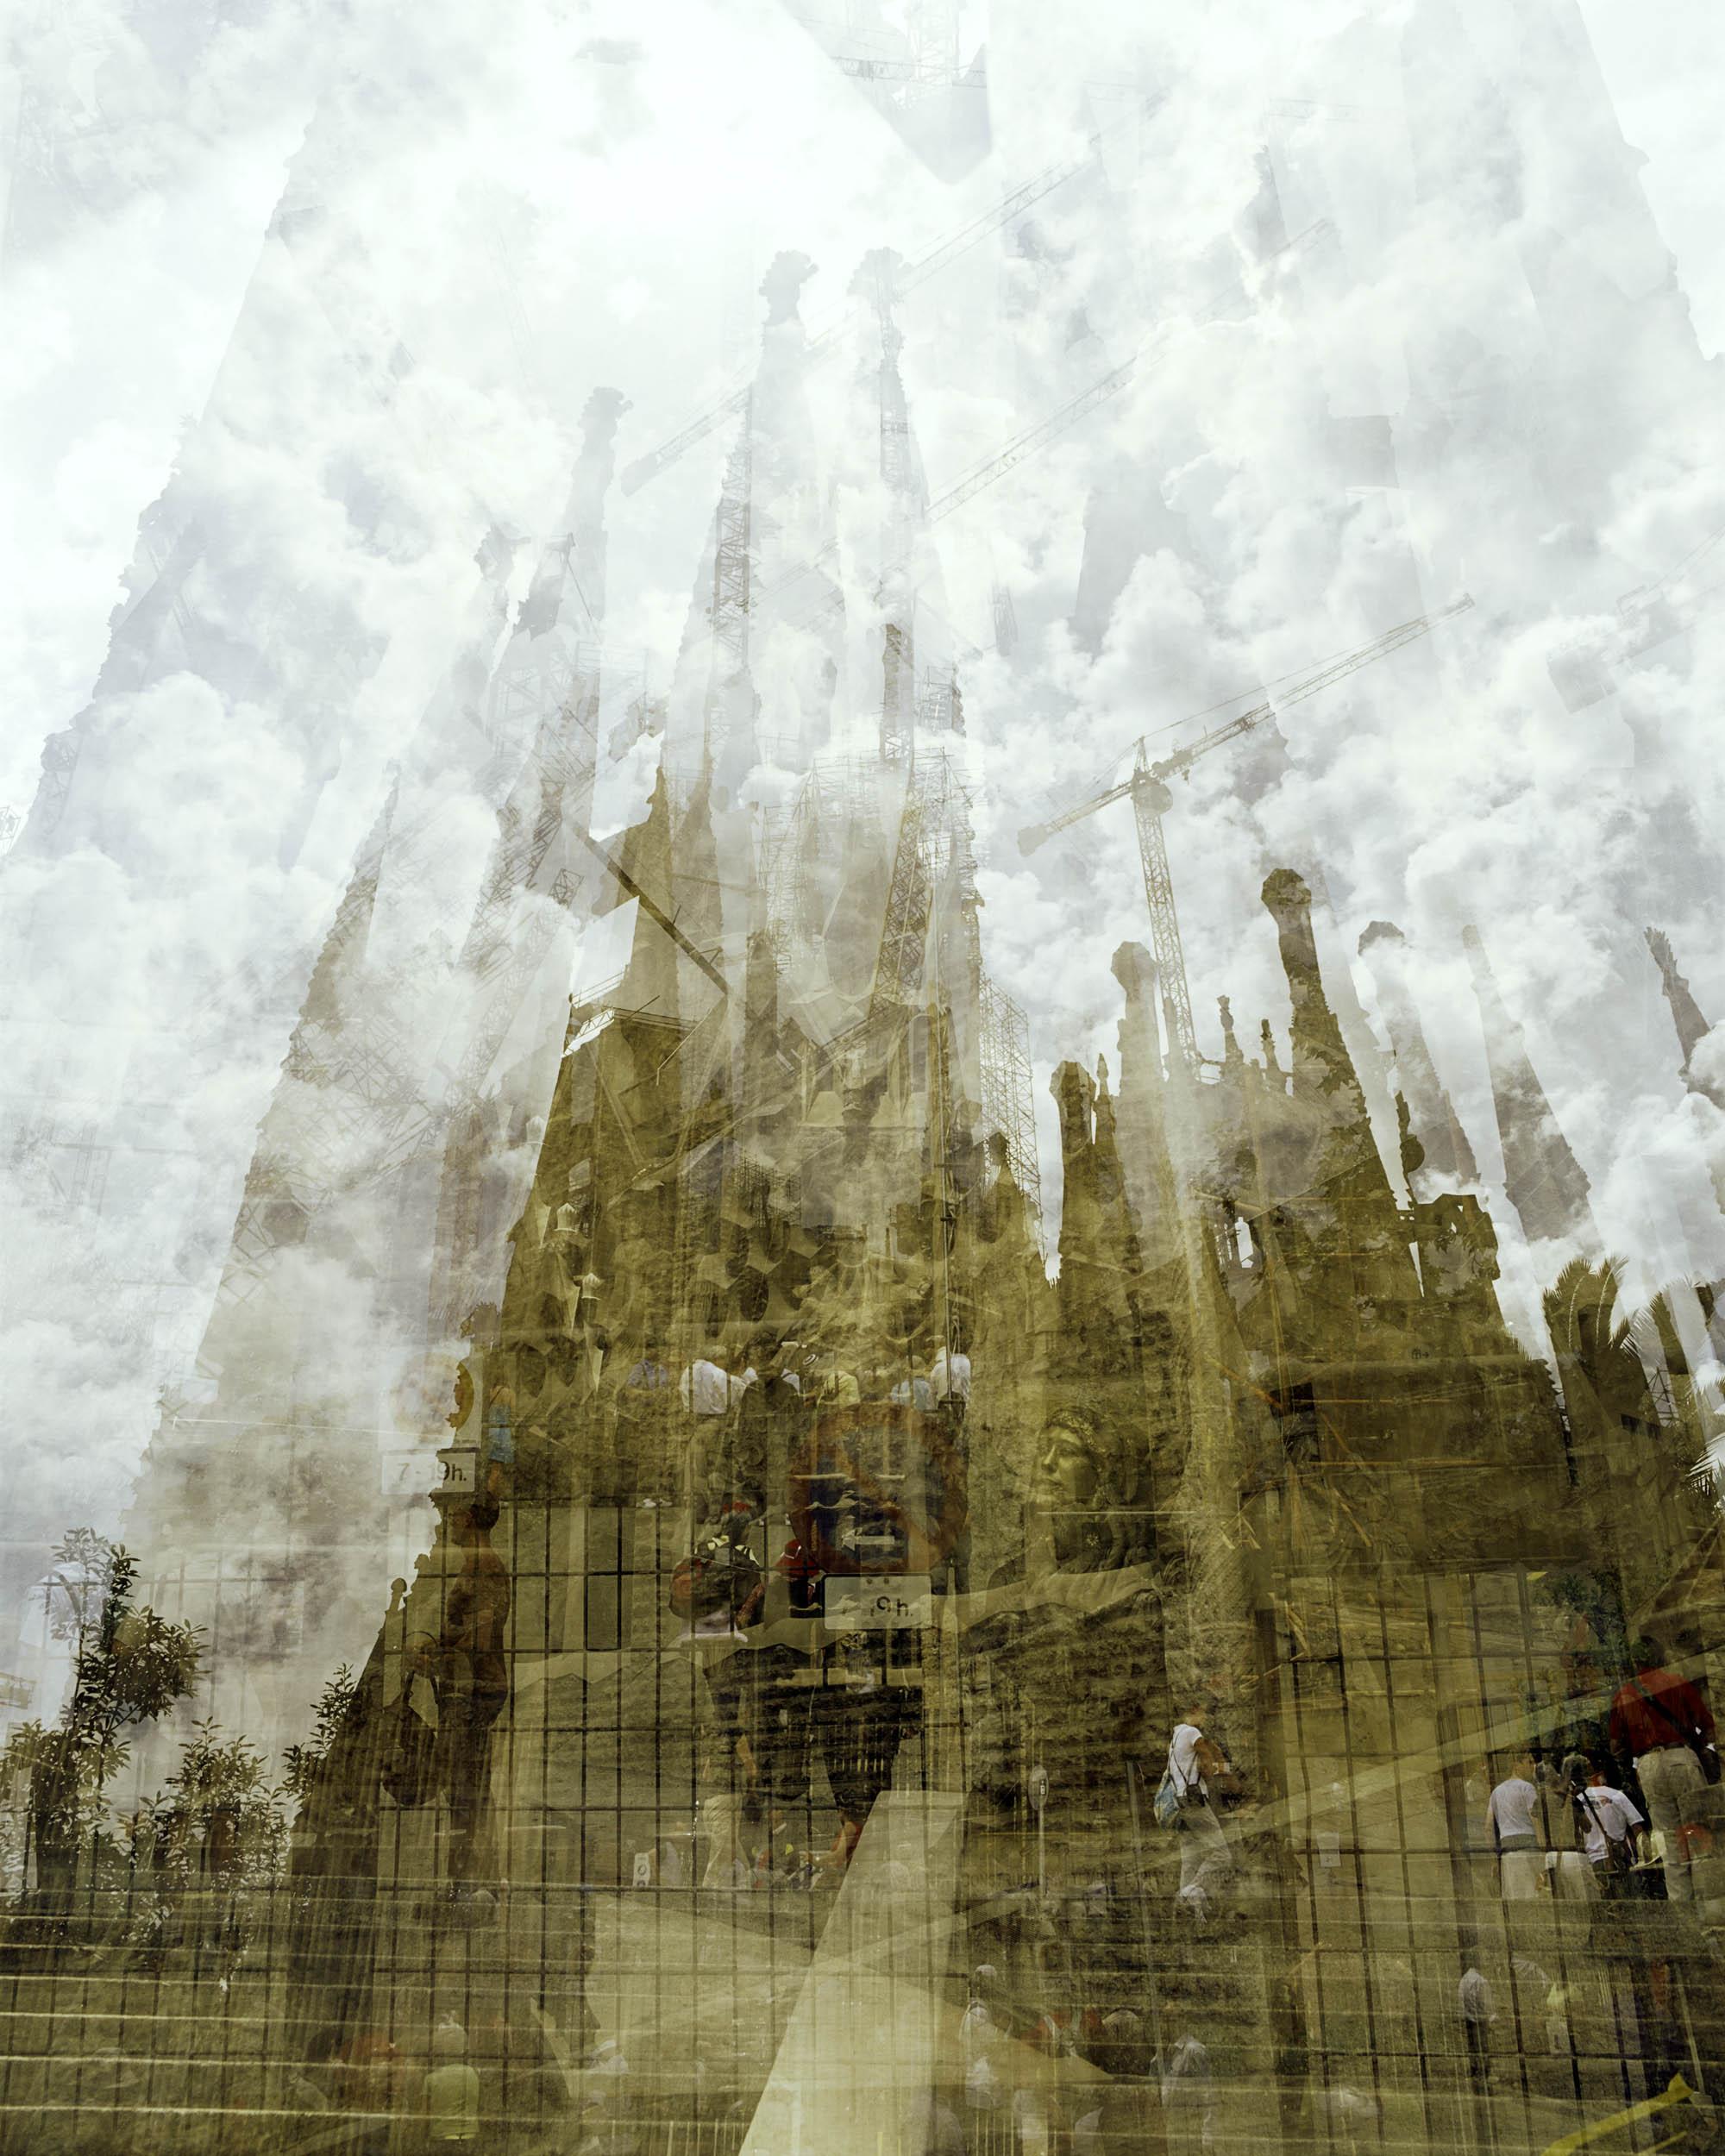 Doug Keyes, La Sagrada Familia, Barcelona, 2006